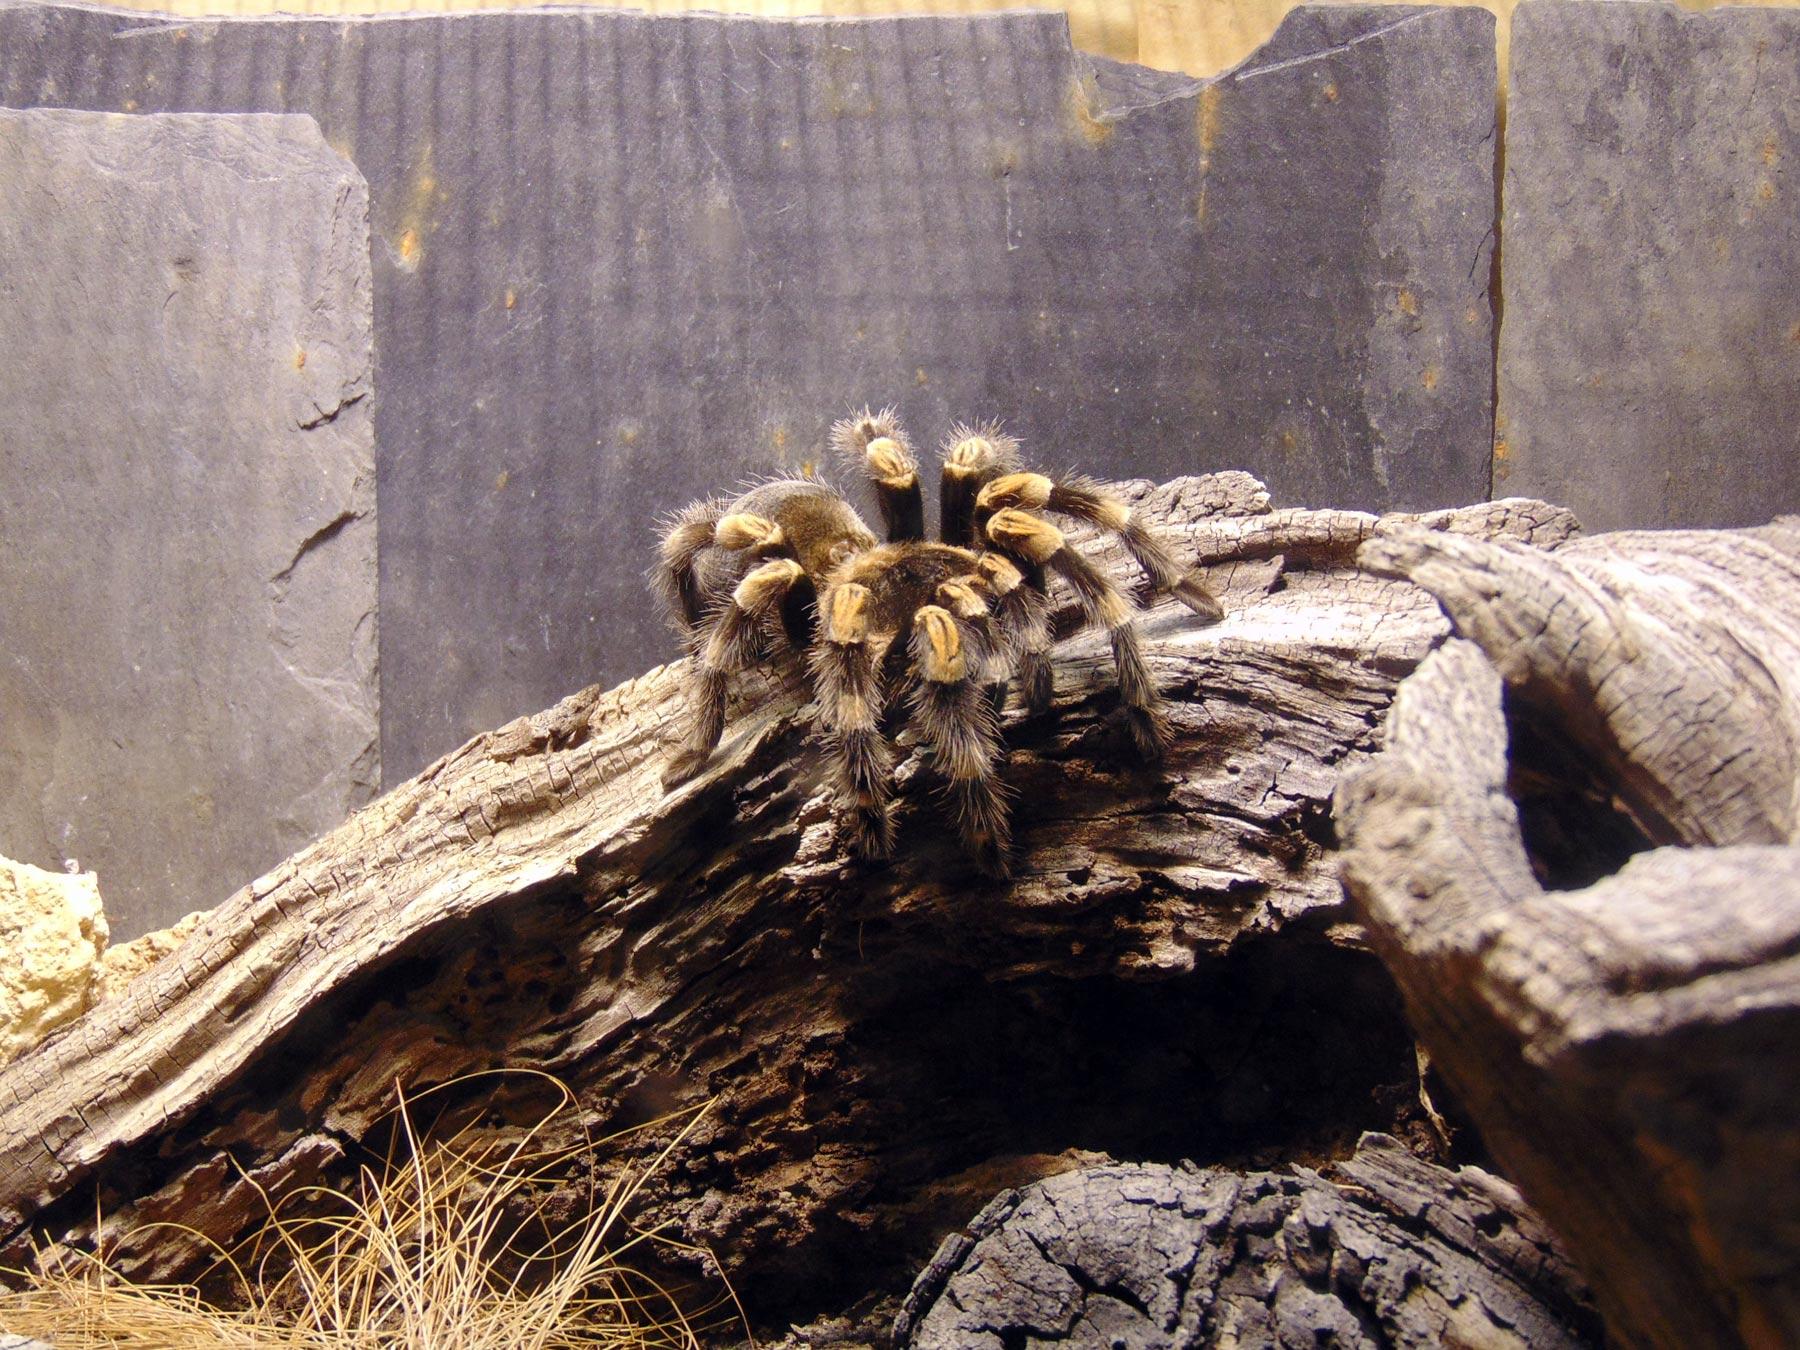 коллекция ядовитых пауков в зоопарке Парижа